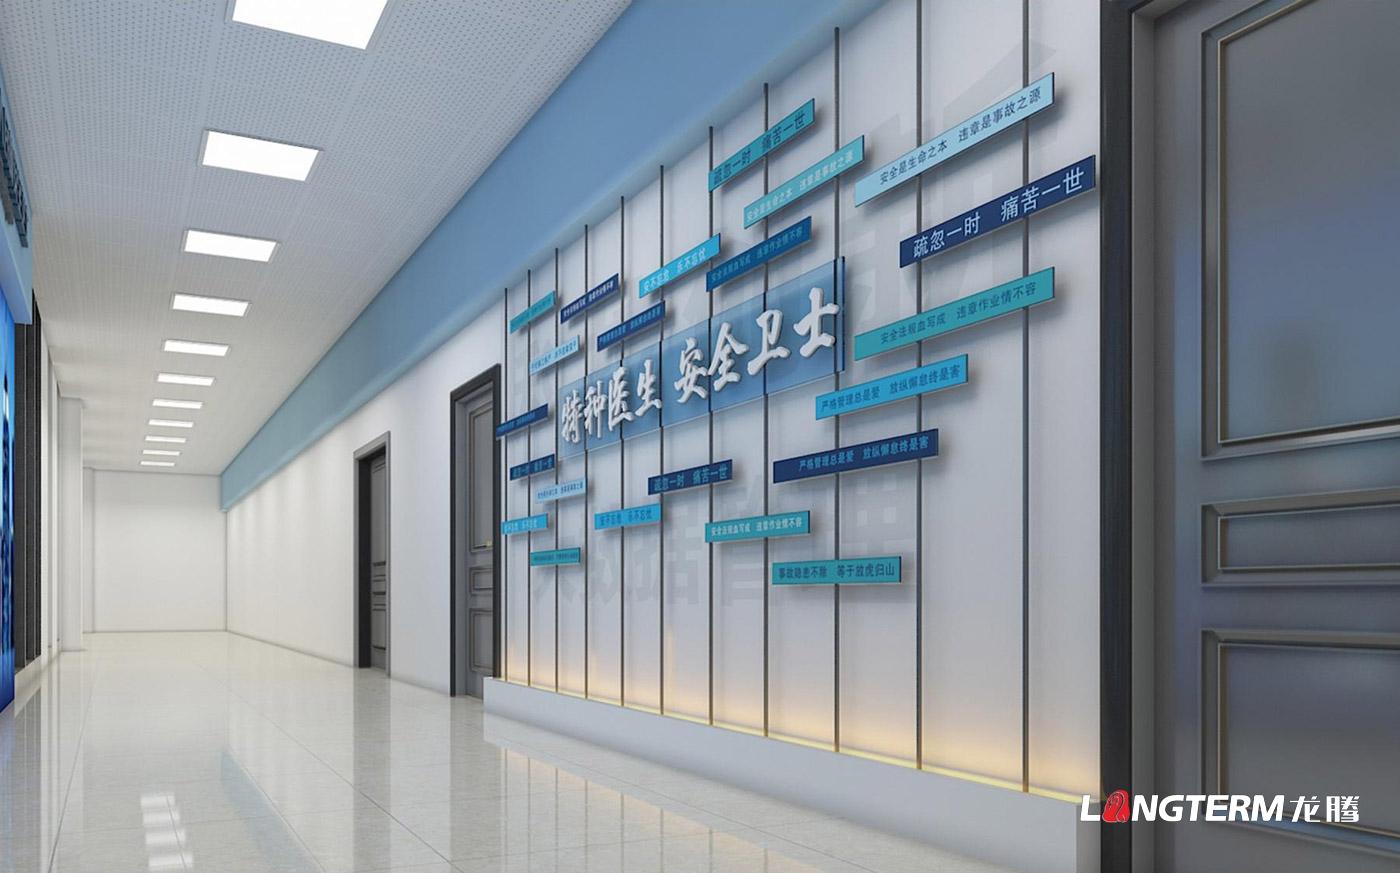 四川省特种设备检验研究院科技成果展览室、特种设备科普展示厅、临展区策划及文化墙建设亿博国际app下载